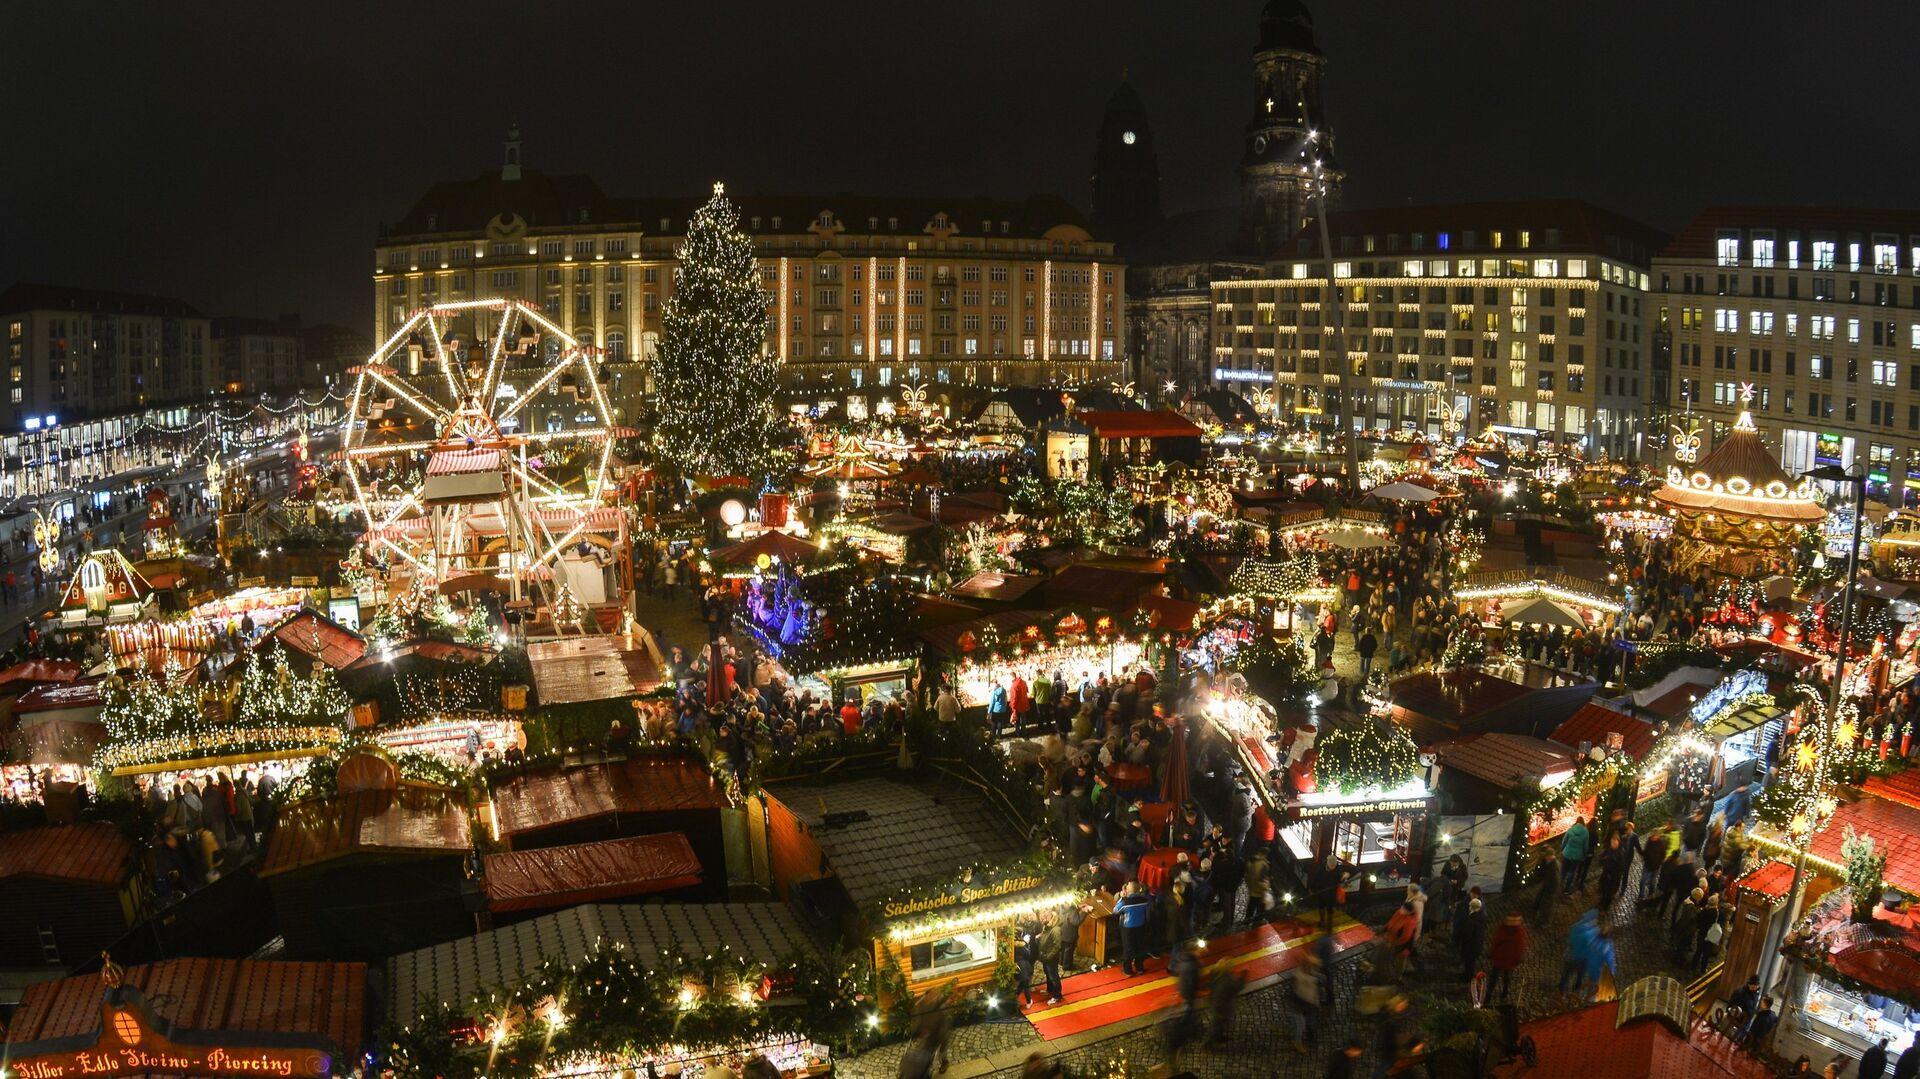 Рождественская ярмарка Штрицельмаркт в Дрездене, Германия - РИА Новости, 1920, 15.11.2020